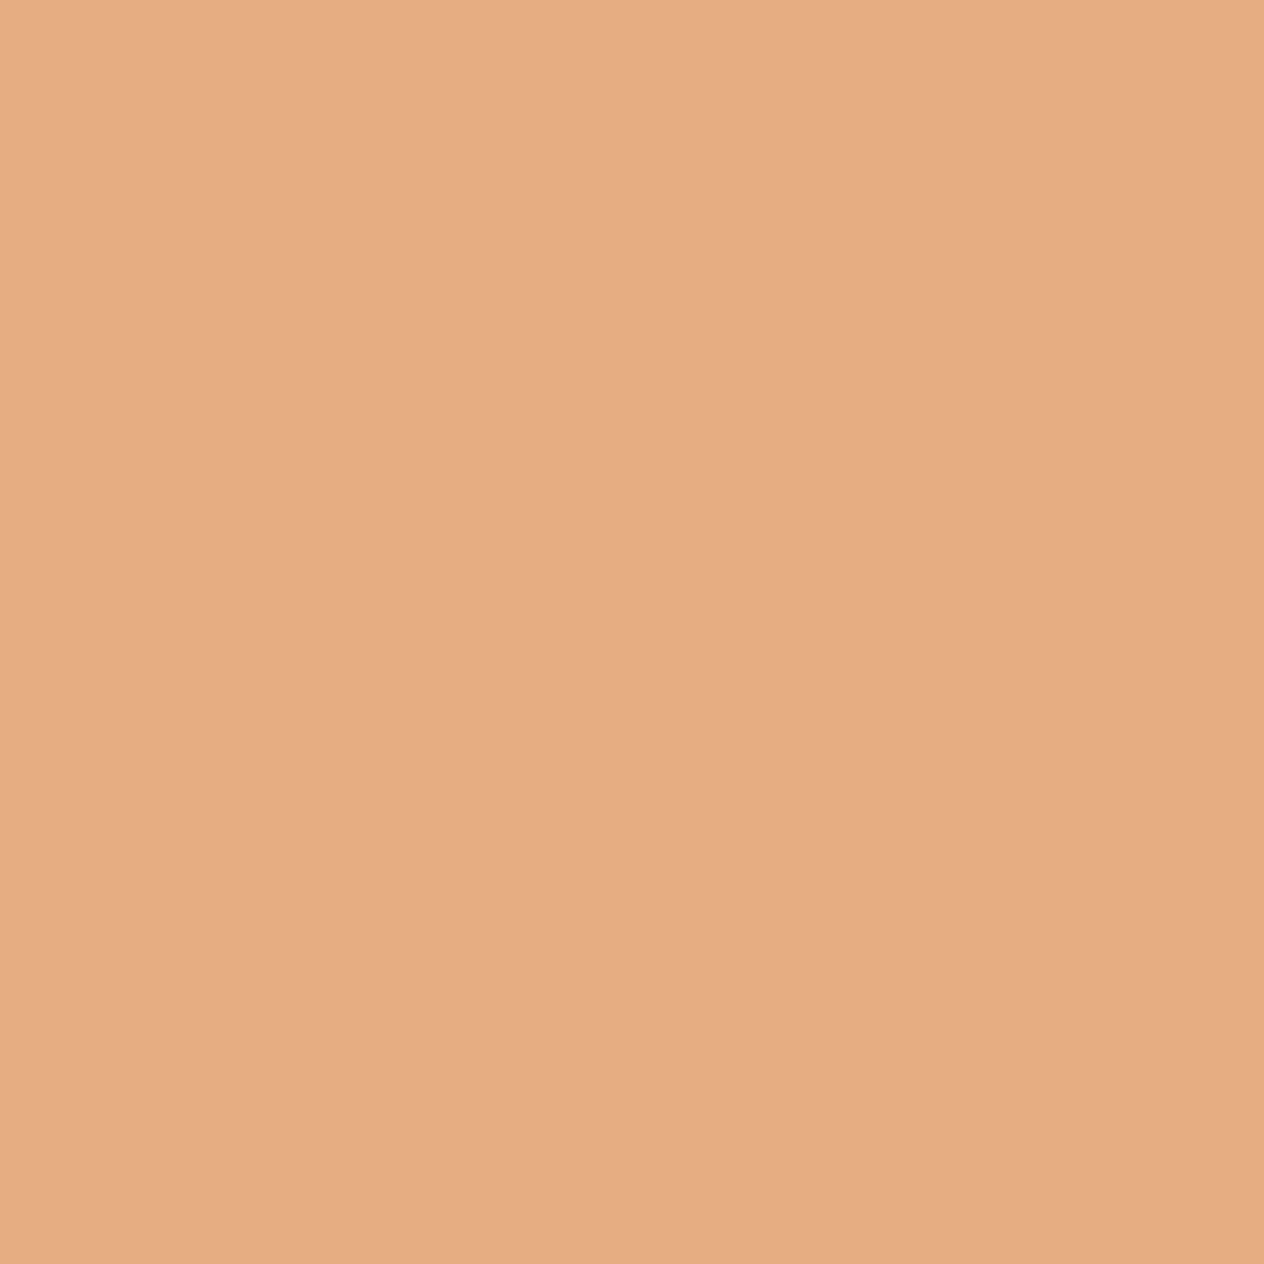 植物の啓示肌SANMIMORE(サンミモレ化粧品) UVパクト 51号アイボリー (レフィル 替パフ付)